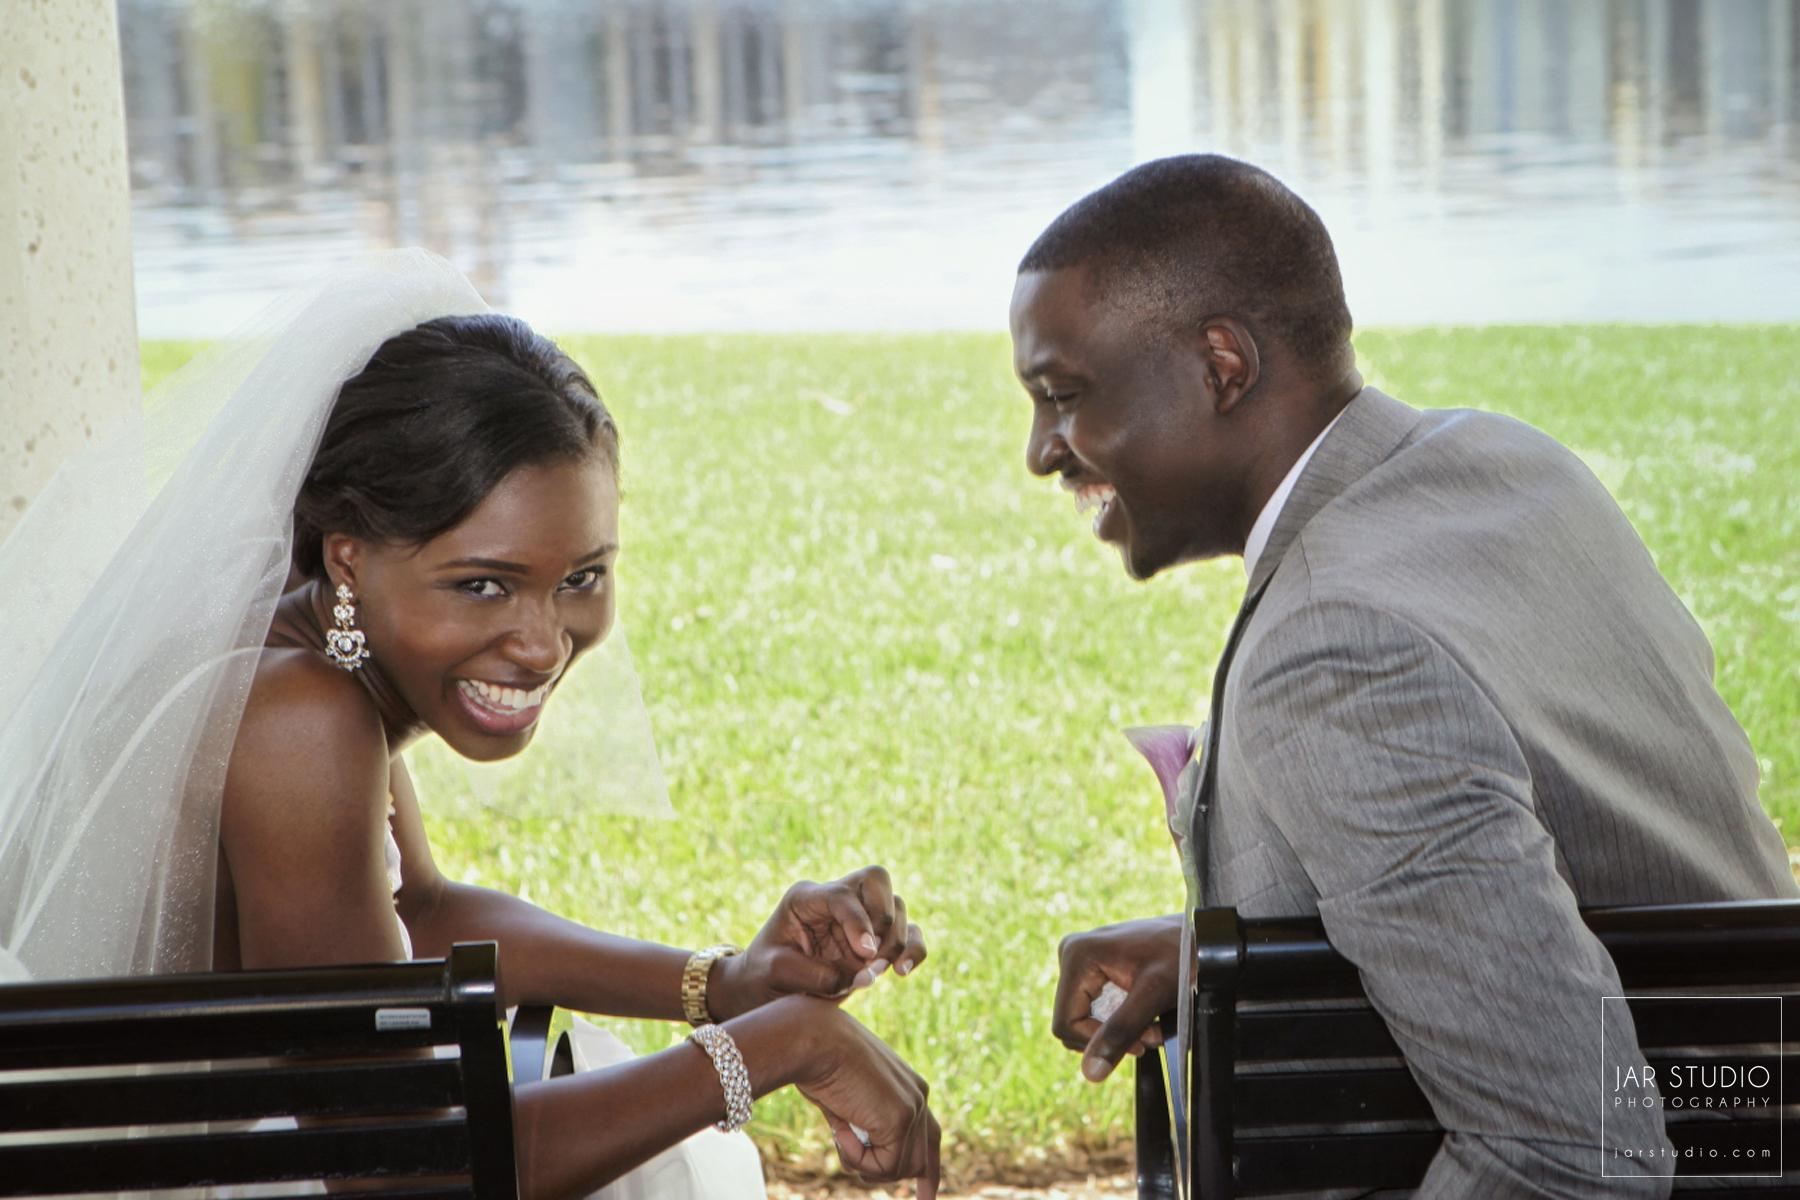 18-happy-bride-groom-wedding-photographer-jarstudio.JPG